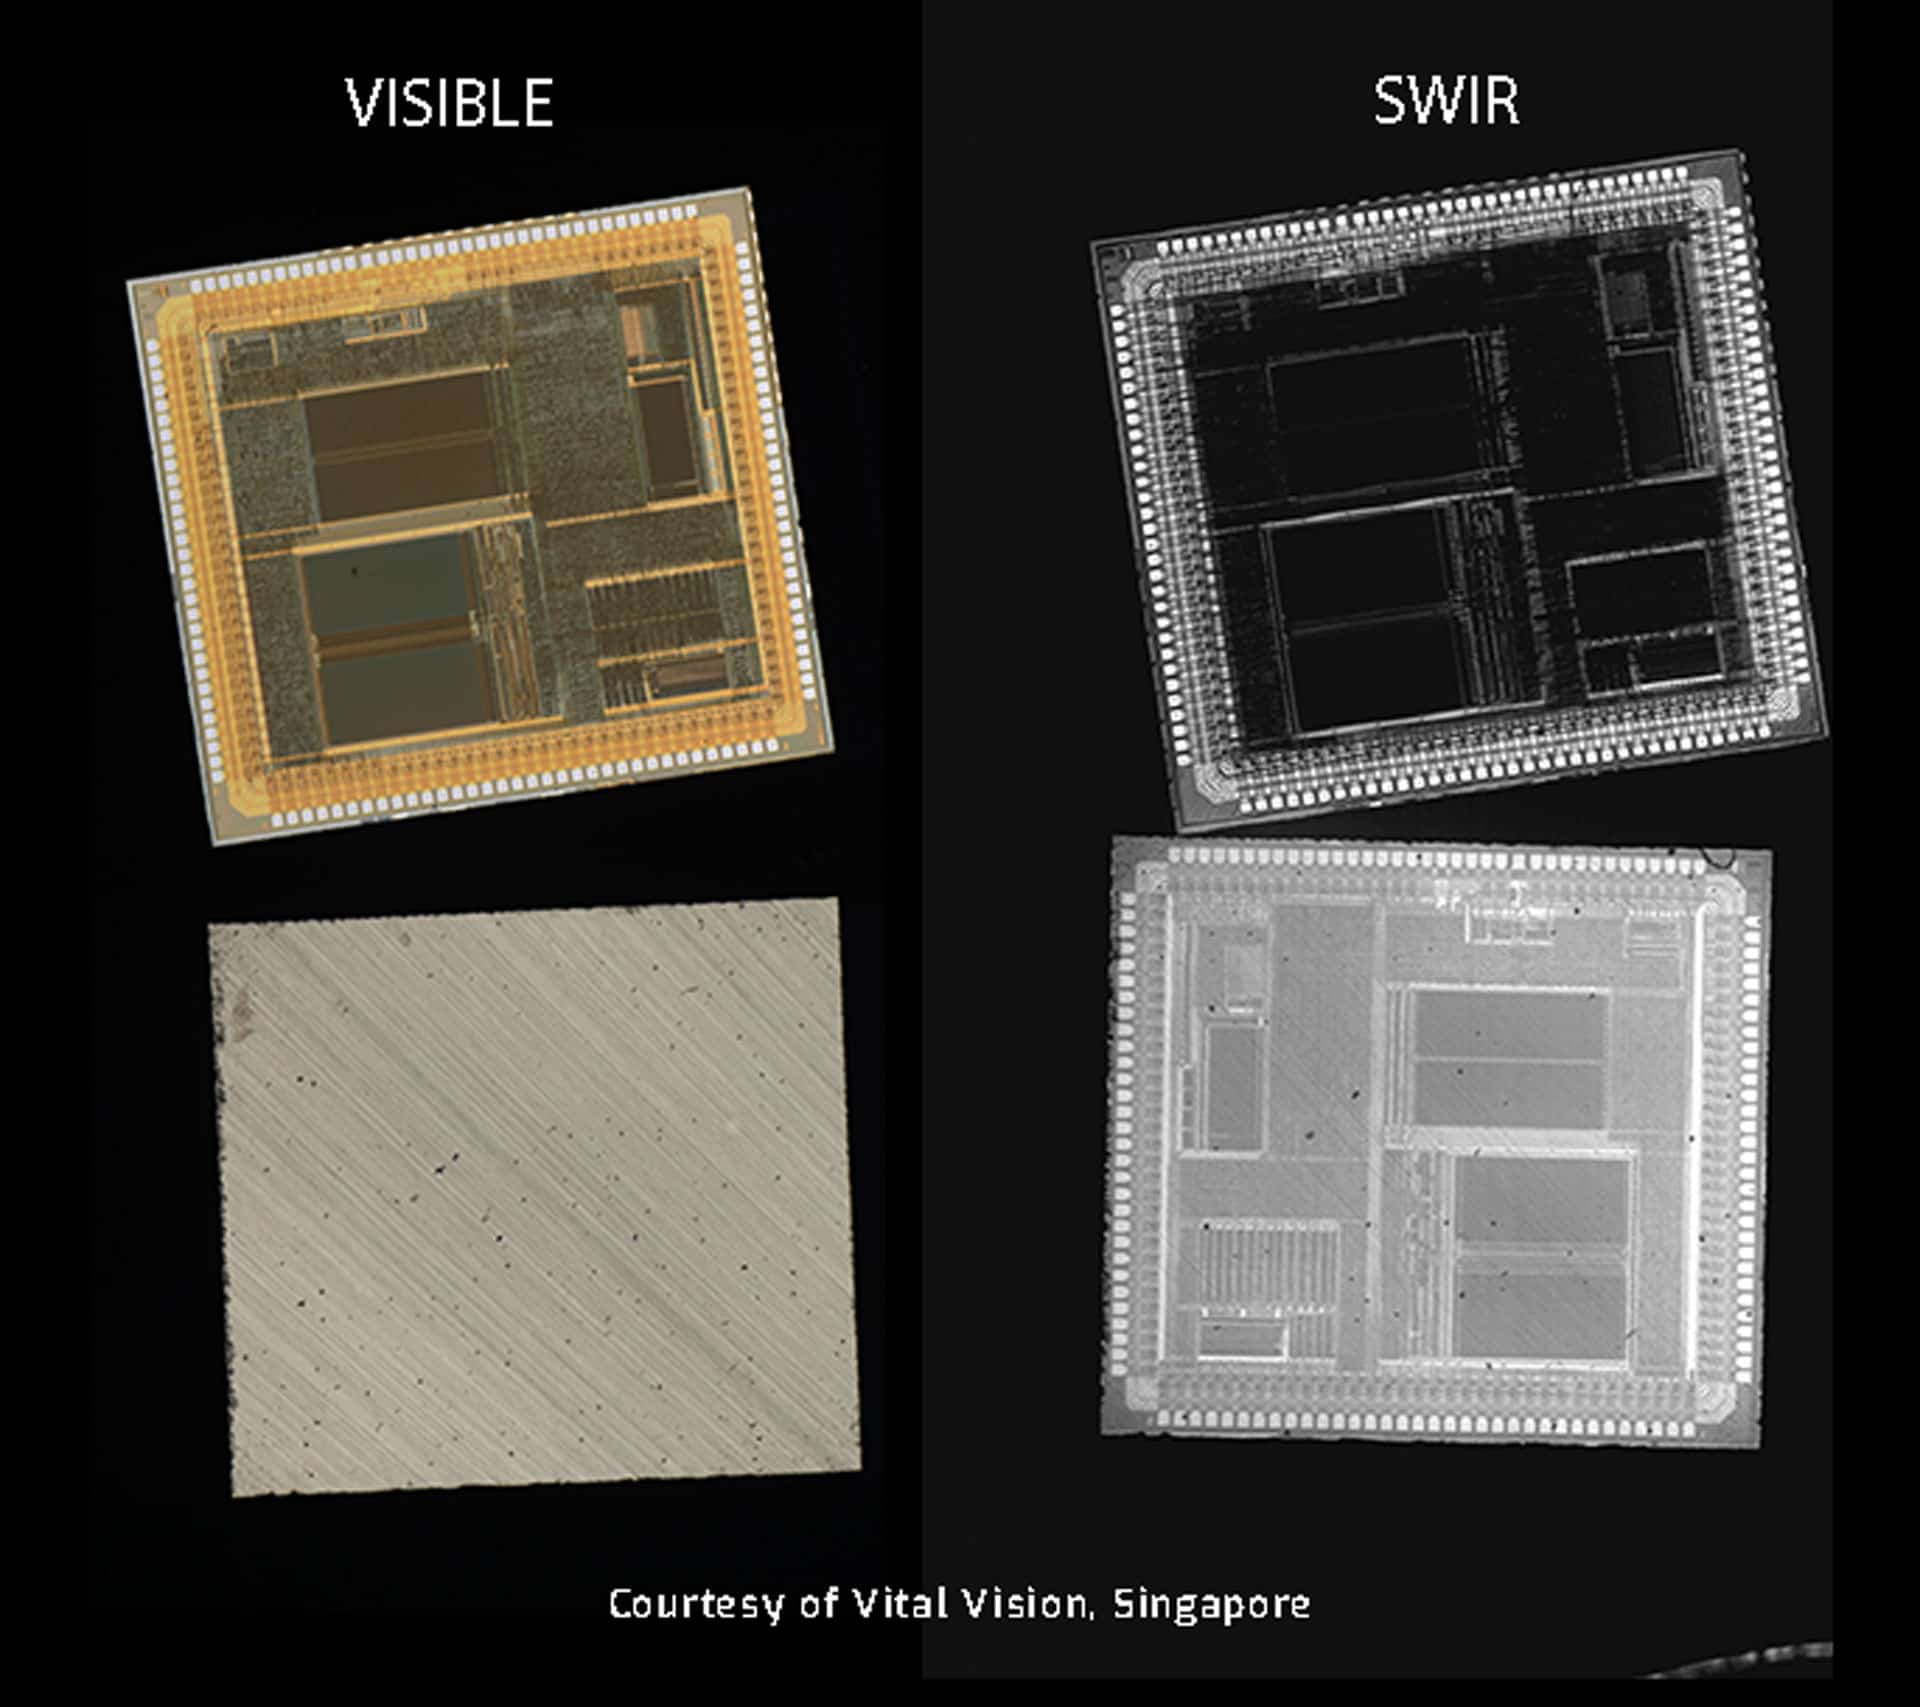 LiSaSWIR image example 2